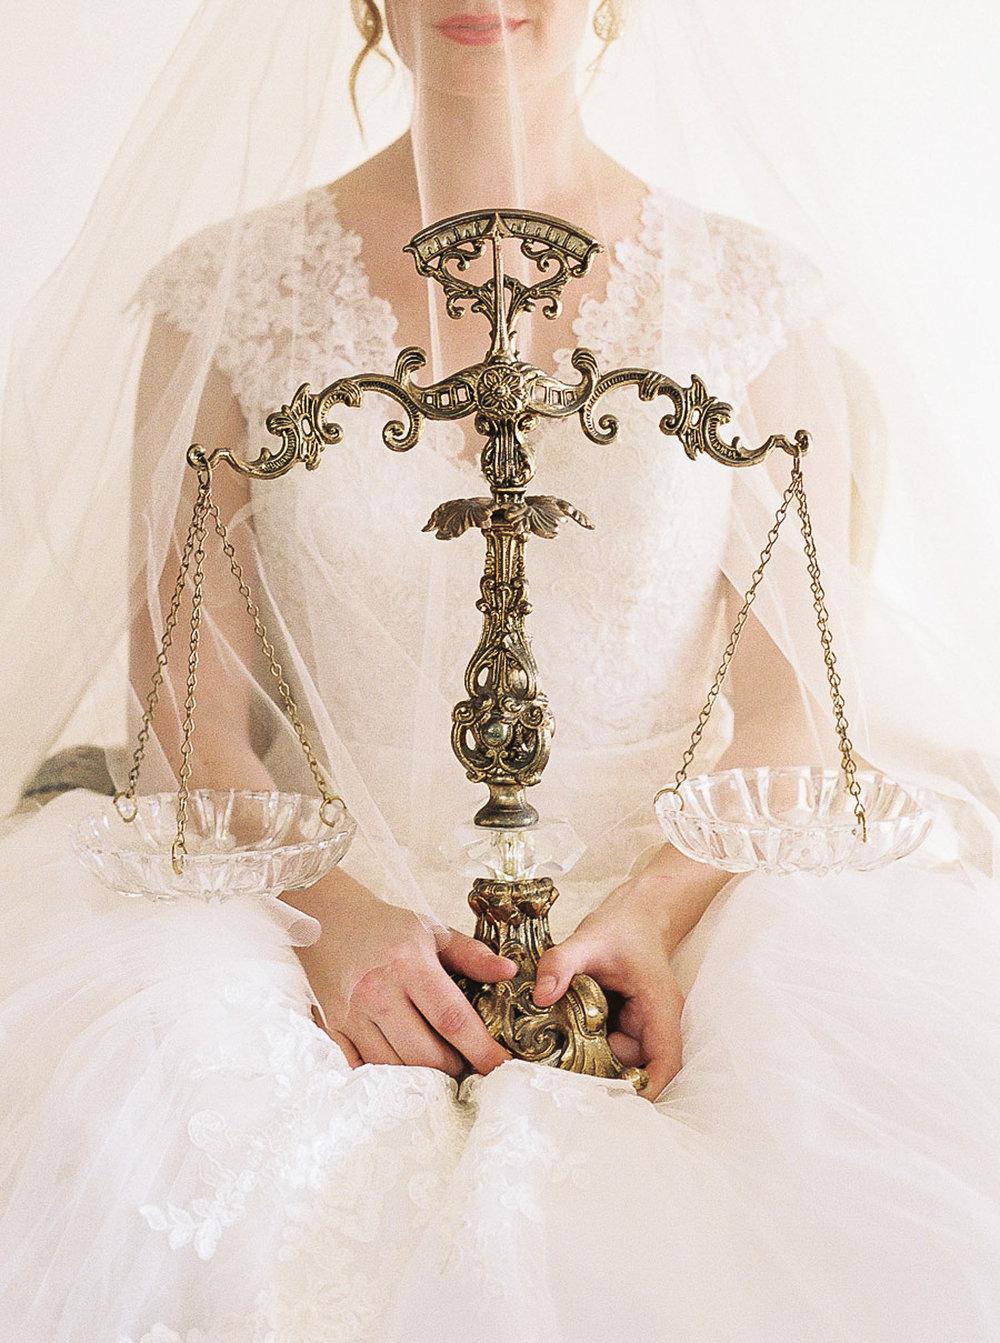 Lara_Lam_Vintage_Heirloom_wedding_photographer_Etablir_shop_vintage_rental95.jpg